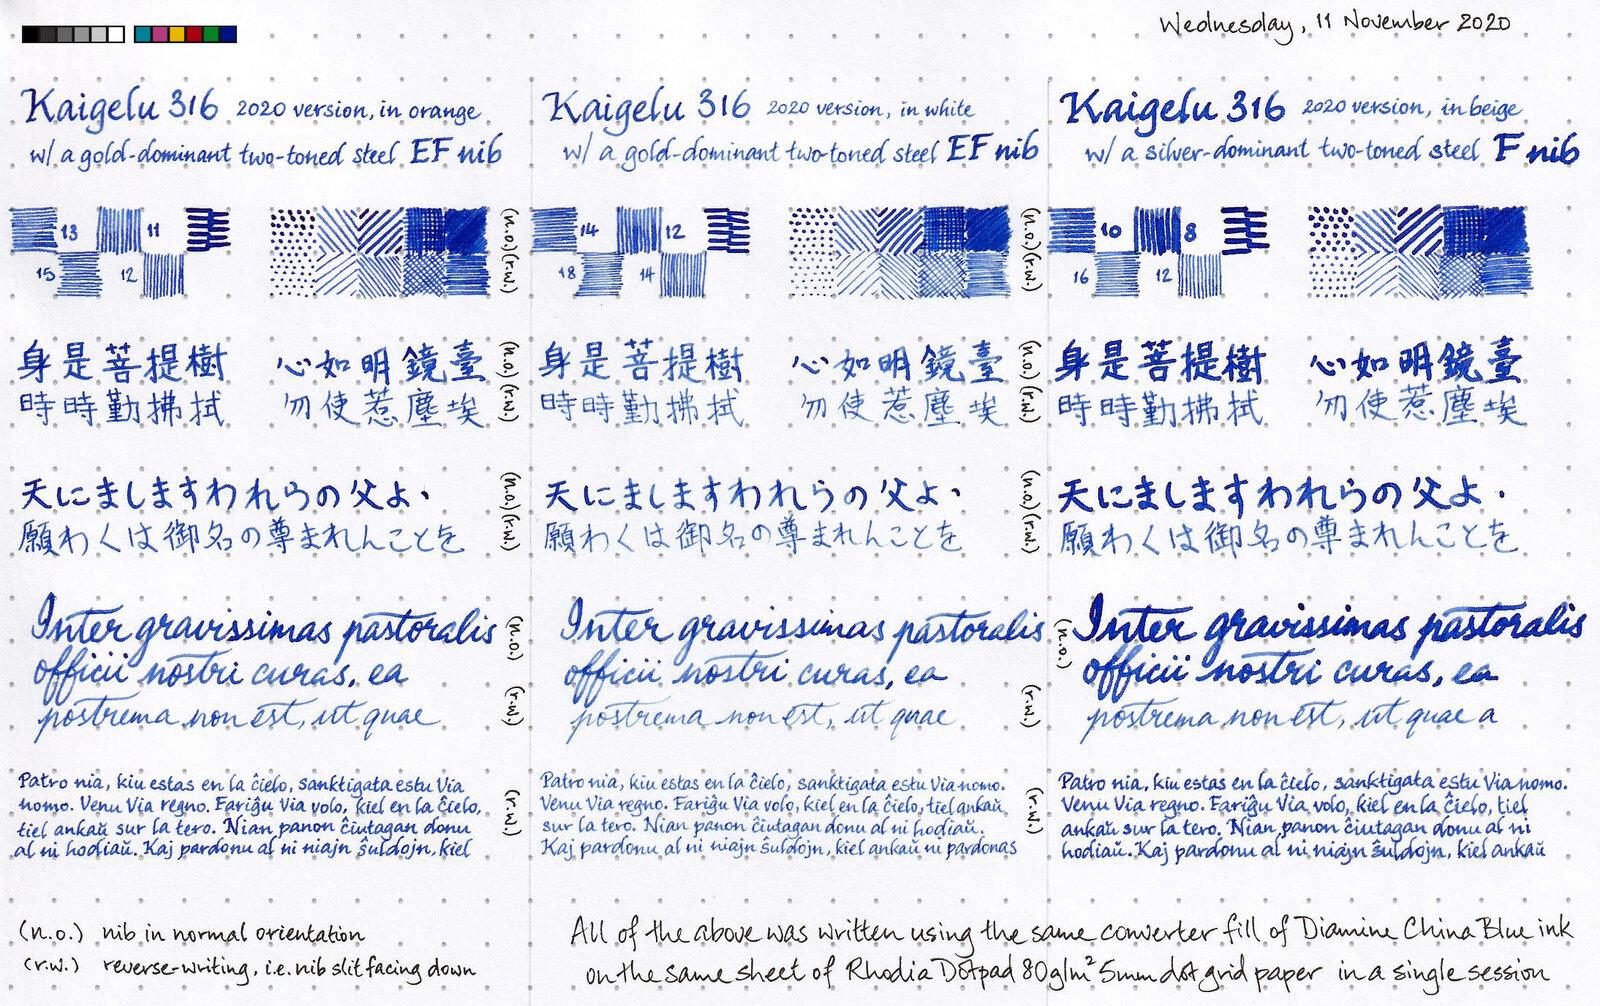 Kaigelu 316 writing samples in Diamine China Blue